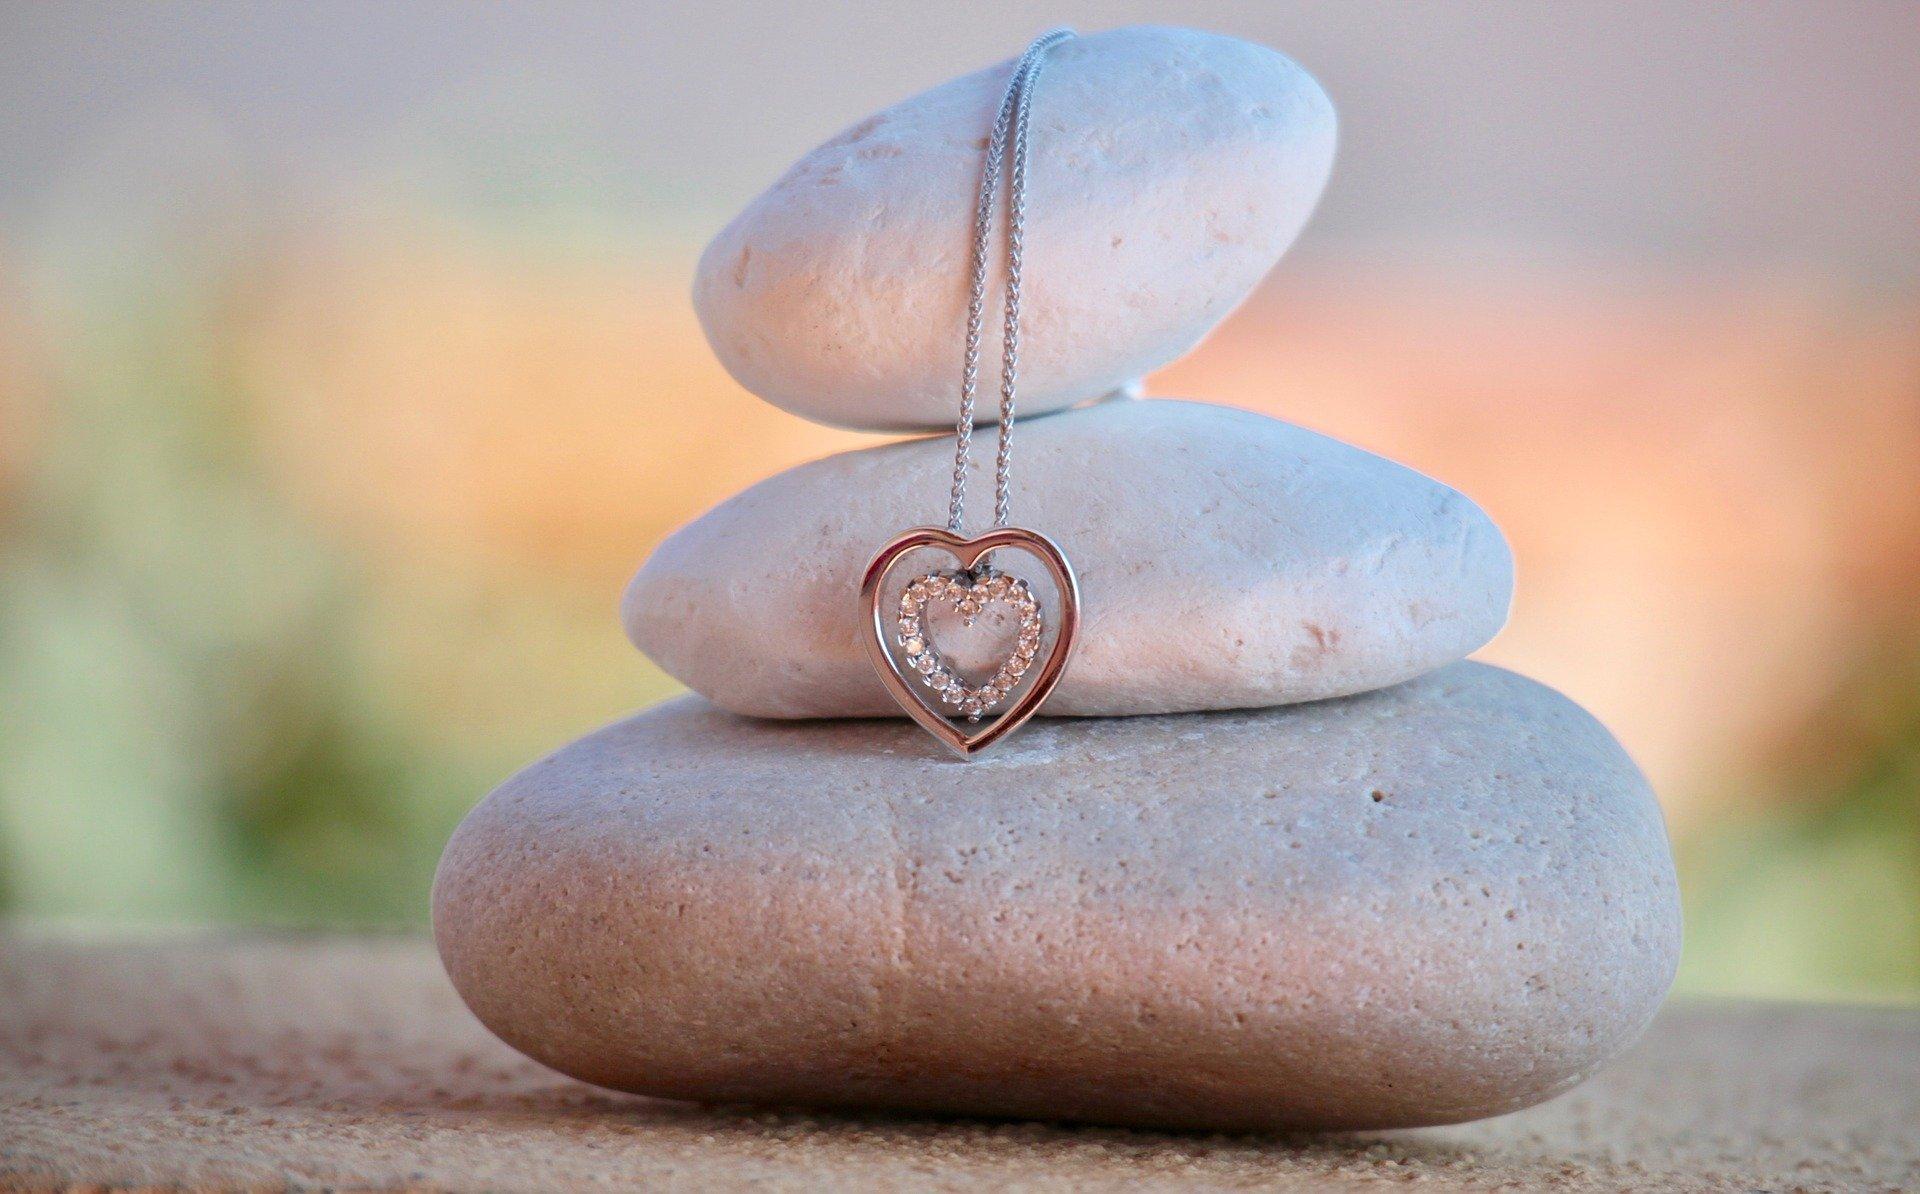 image d'illustration : bijou coeur